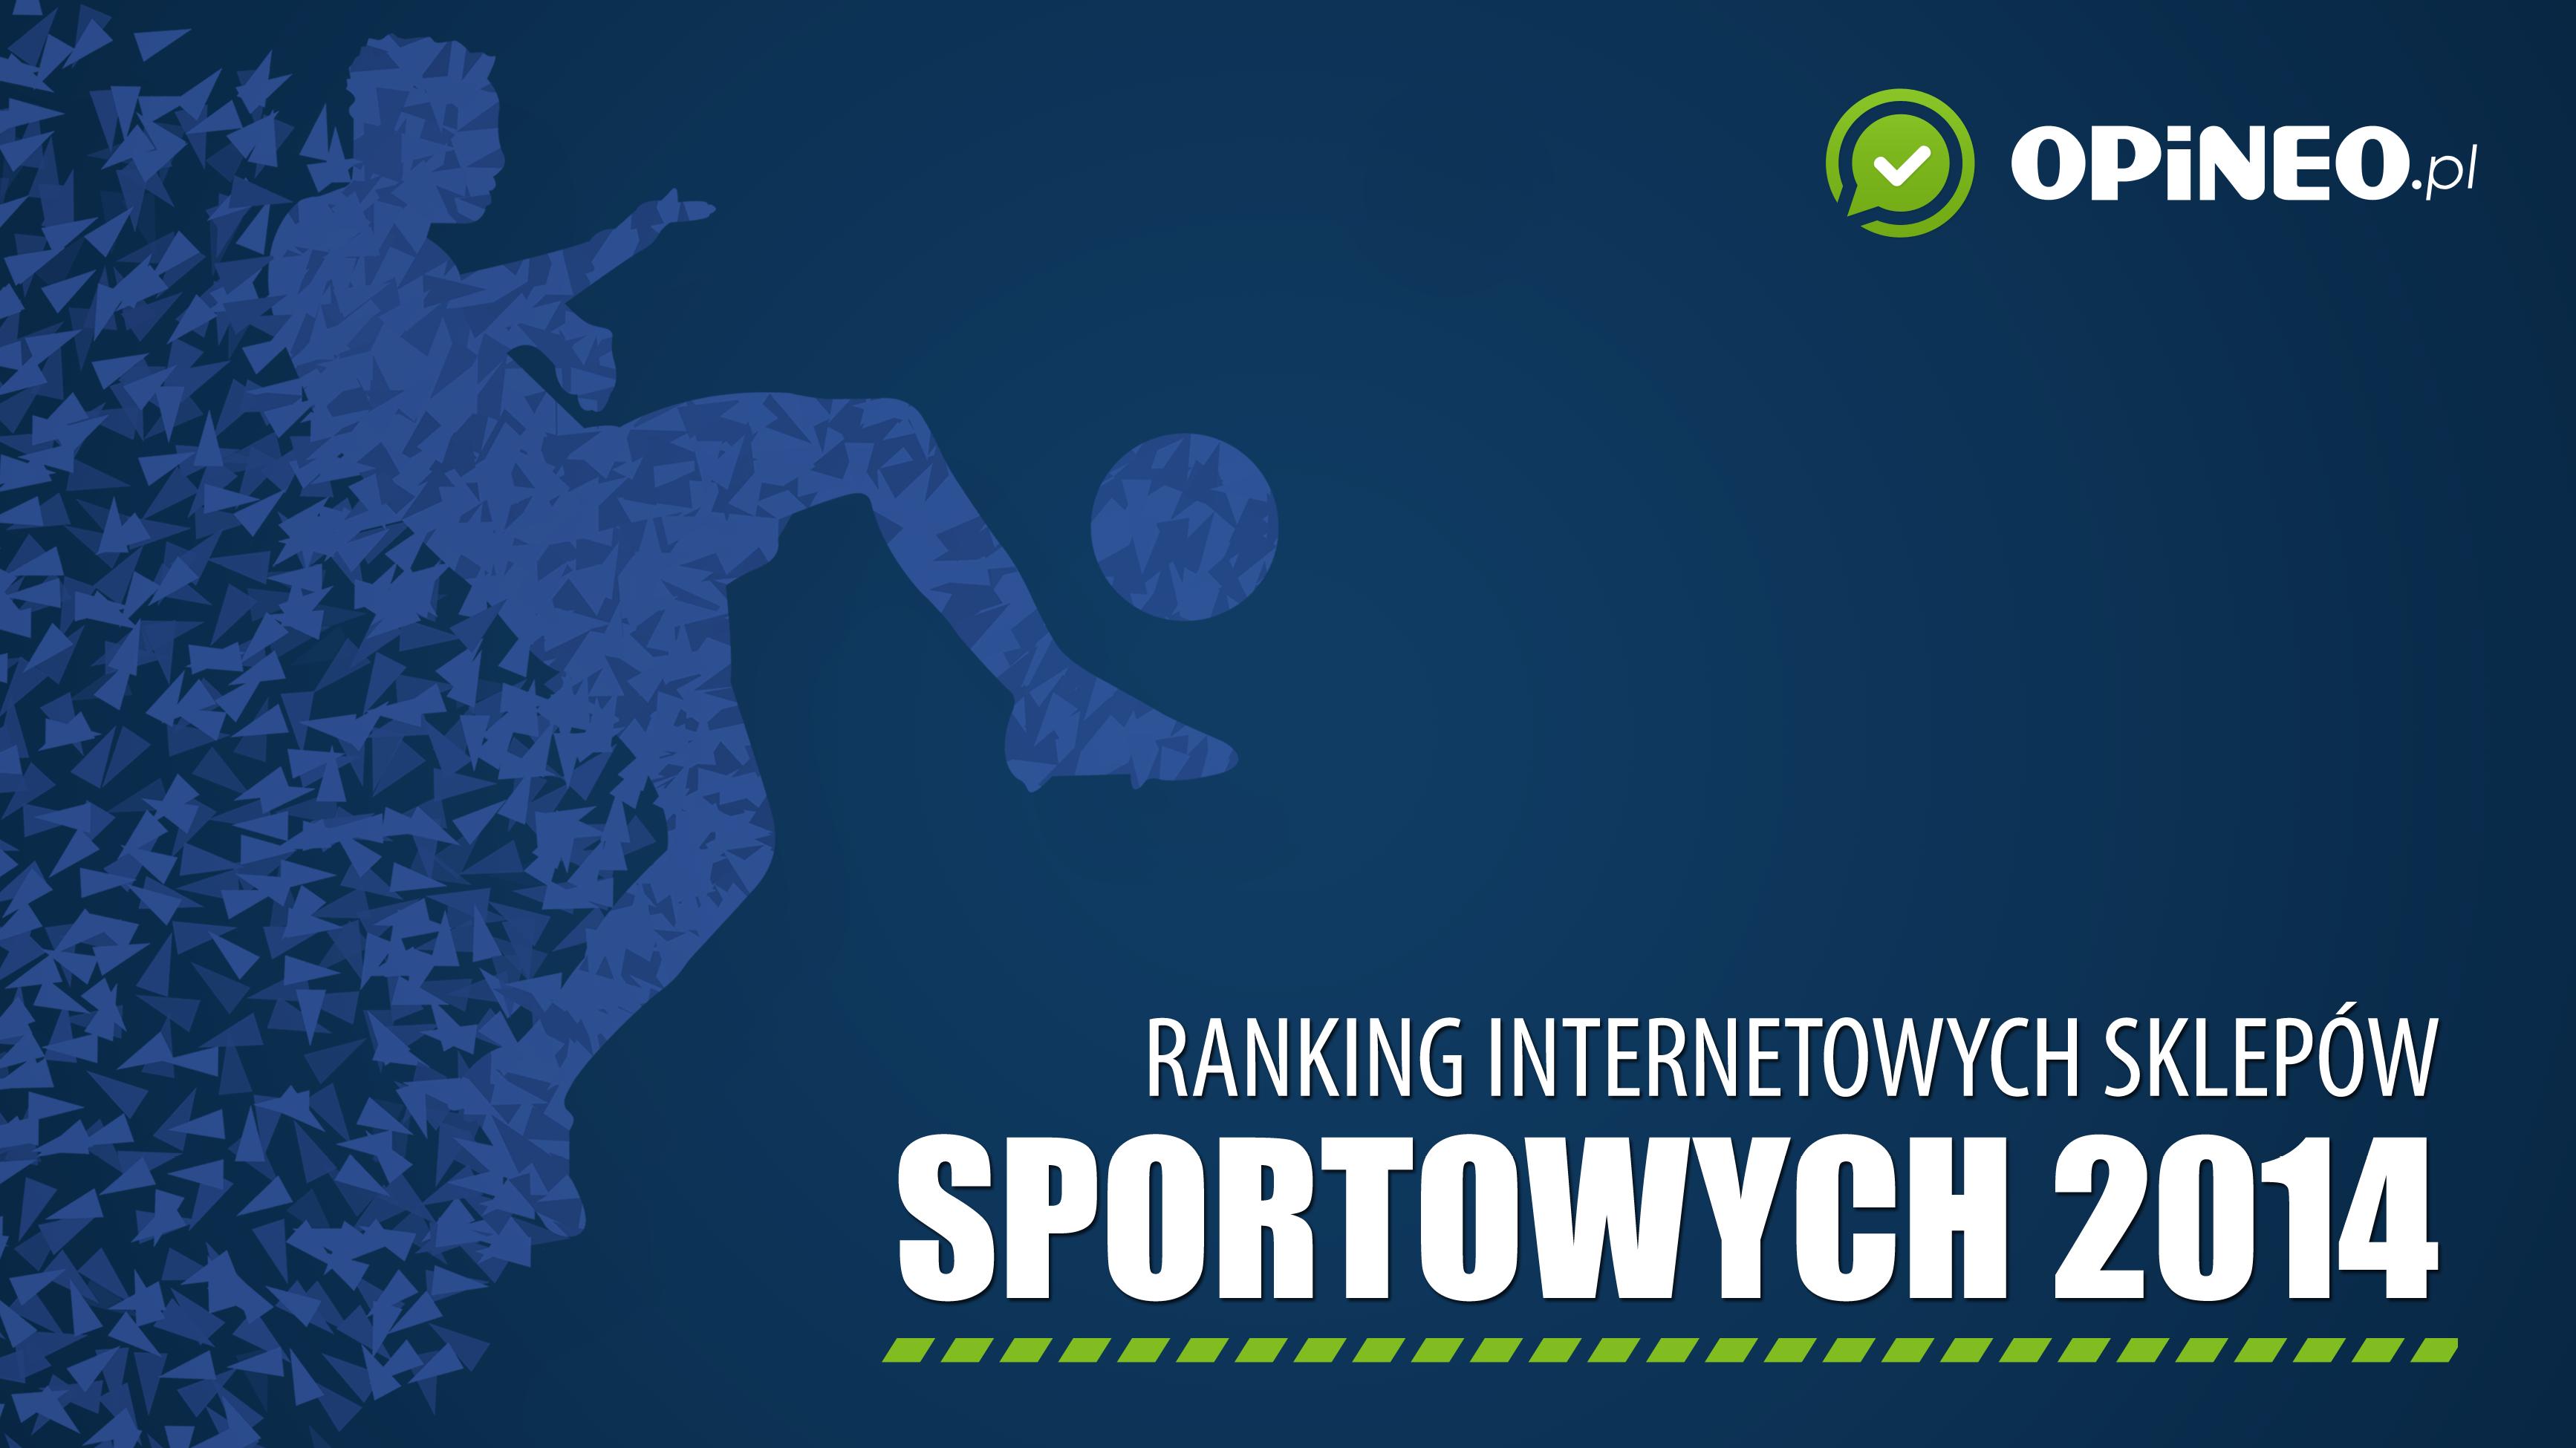 bda08fdd7 Najlepiej oceniane internetowe sklepy sportowe - Sport